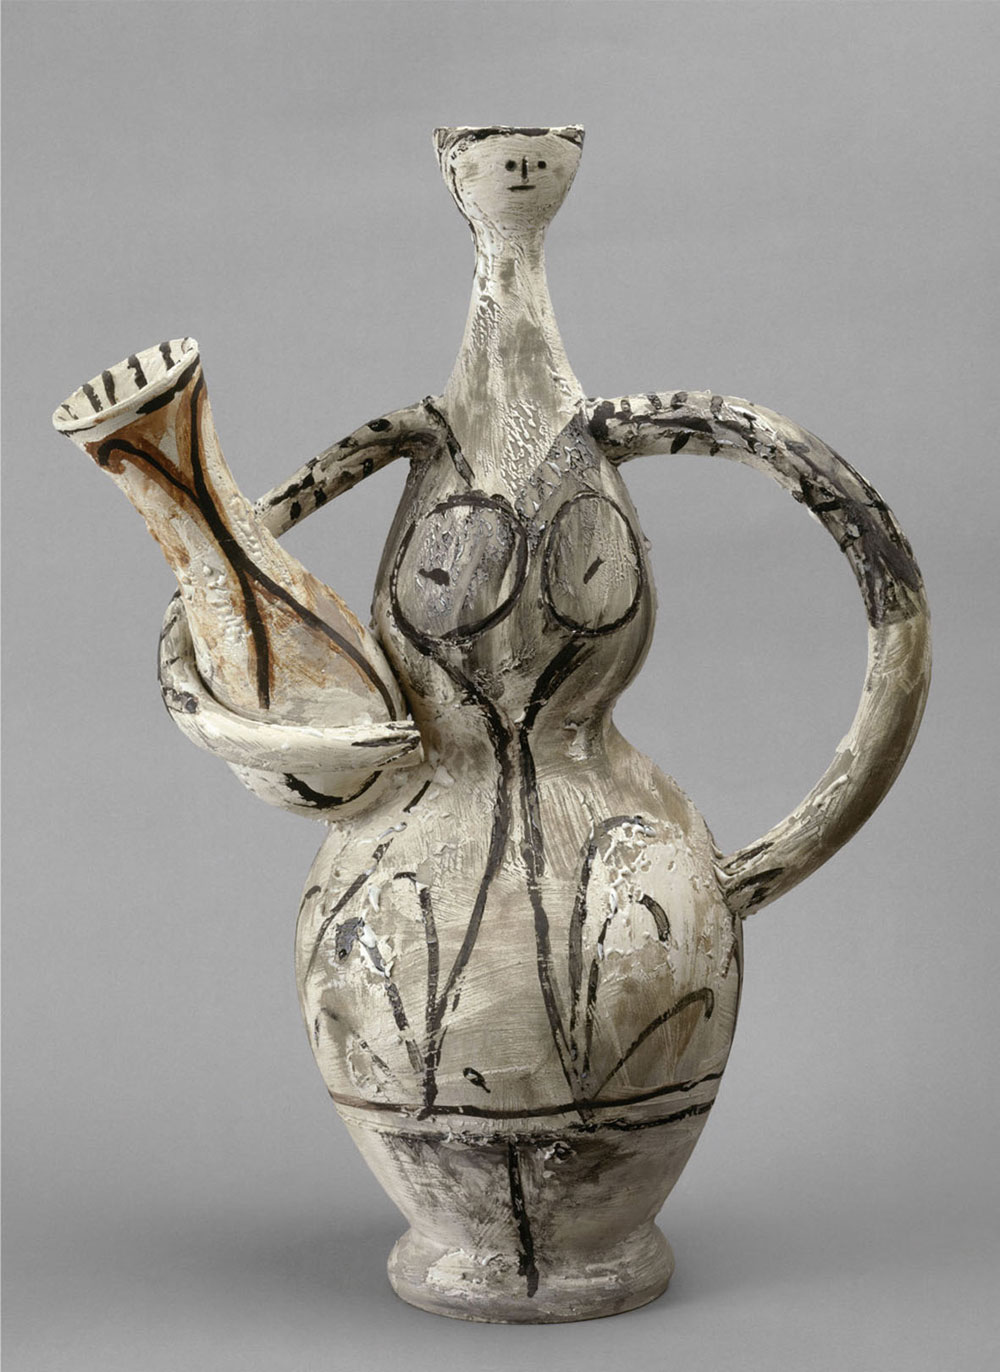 50 ceramiche uniche di Picasso protagoniste di una grande mostra al MIC di Faenza